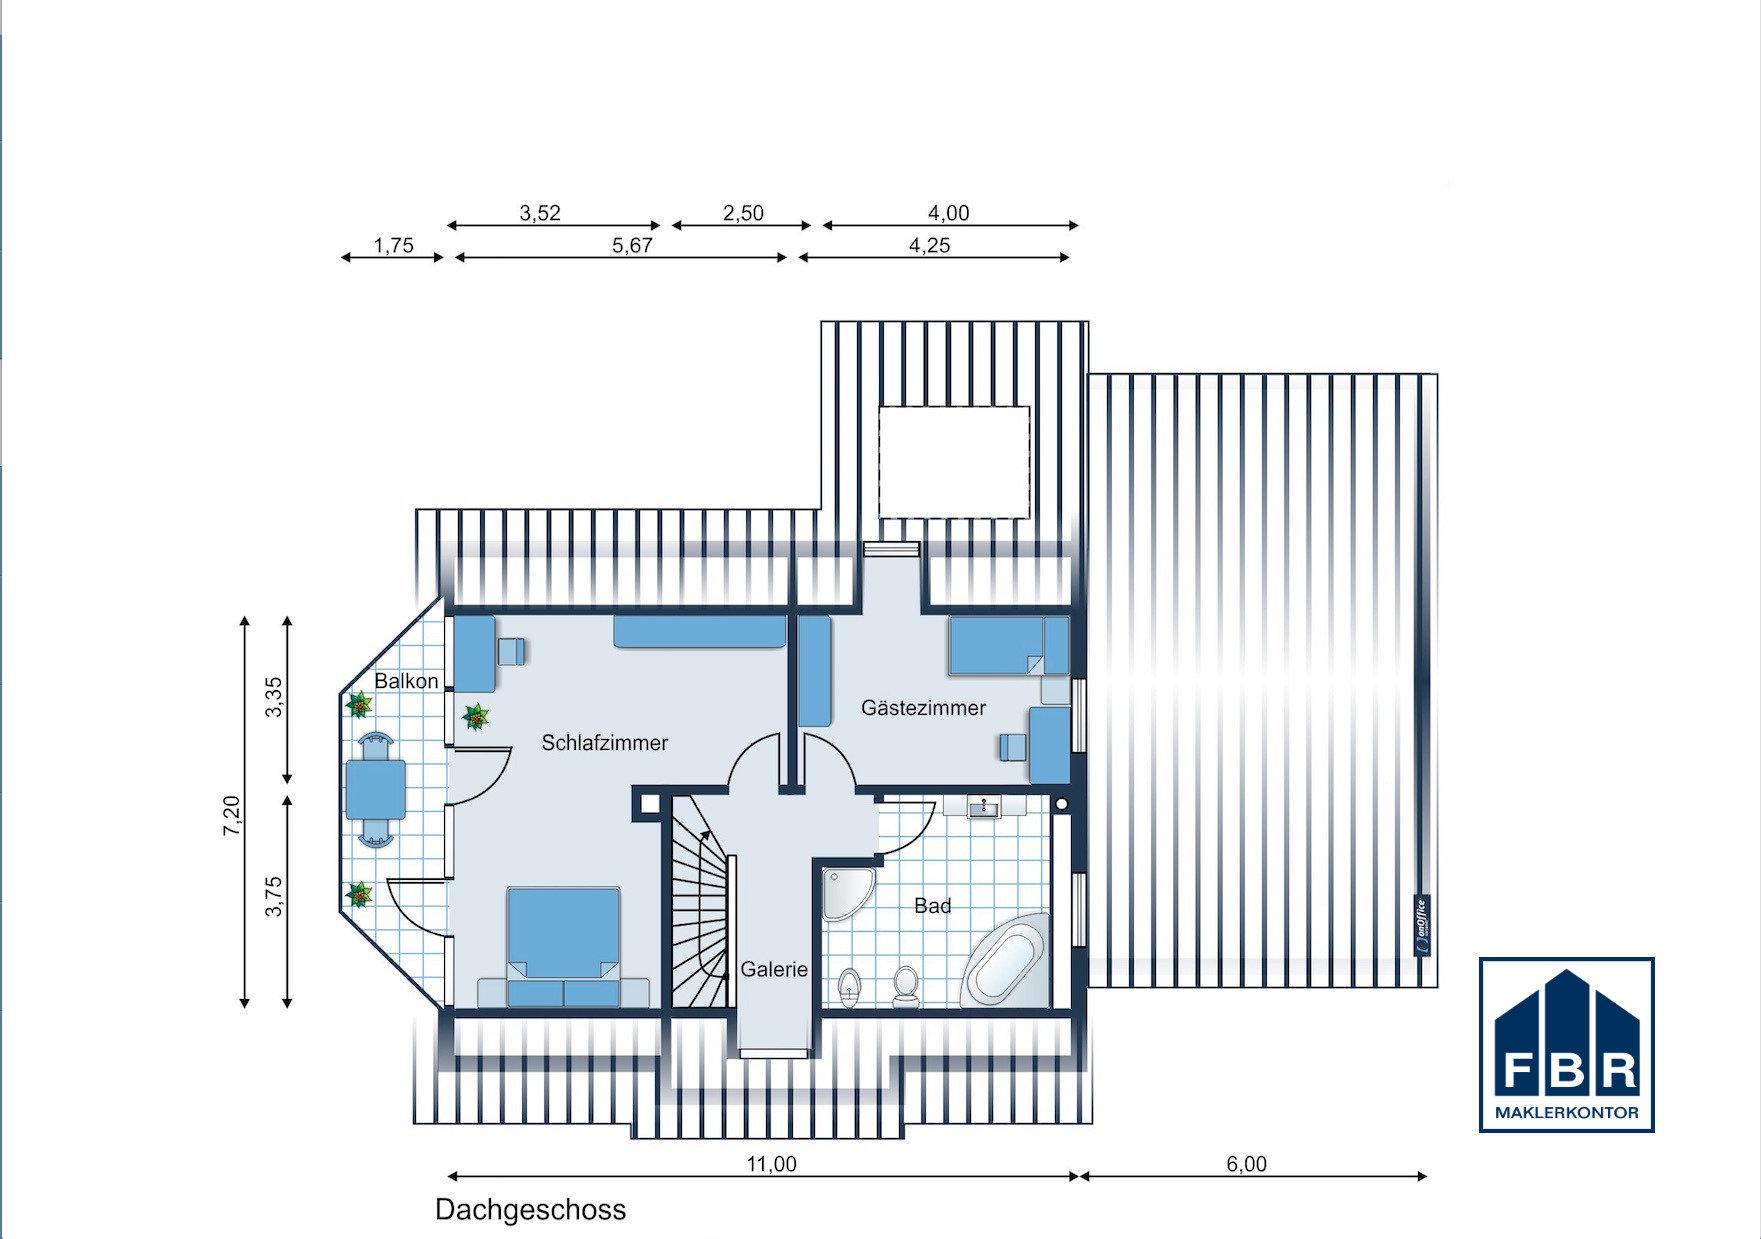 Möbliervorschlag Obergeschoss mit möglichem Balkon